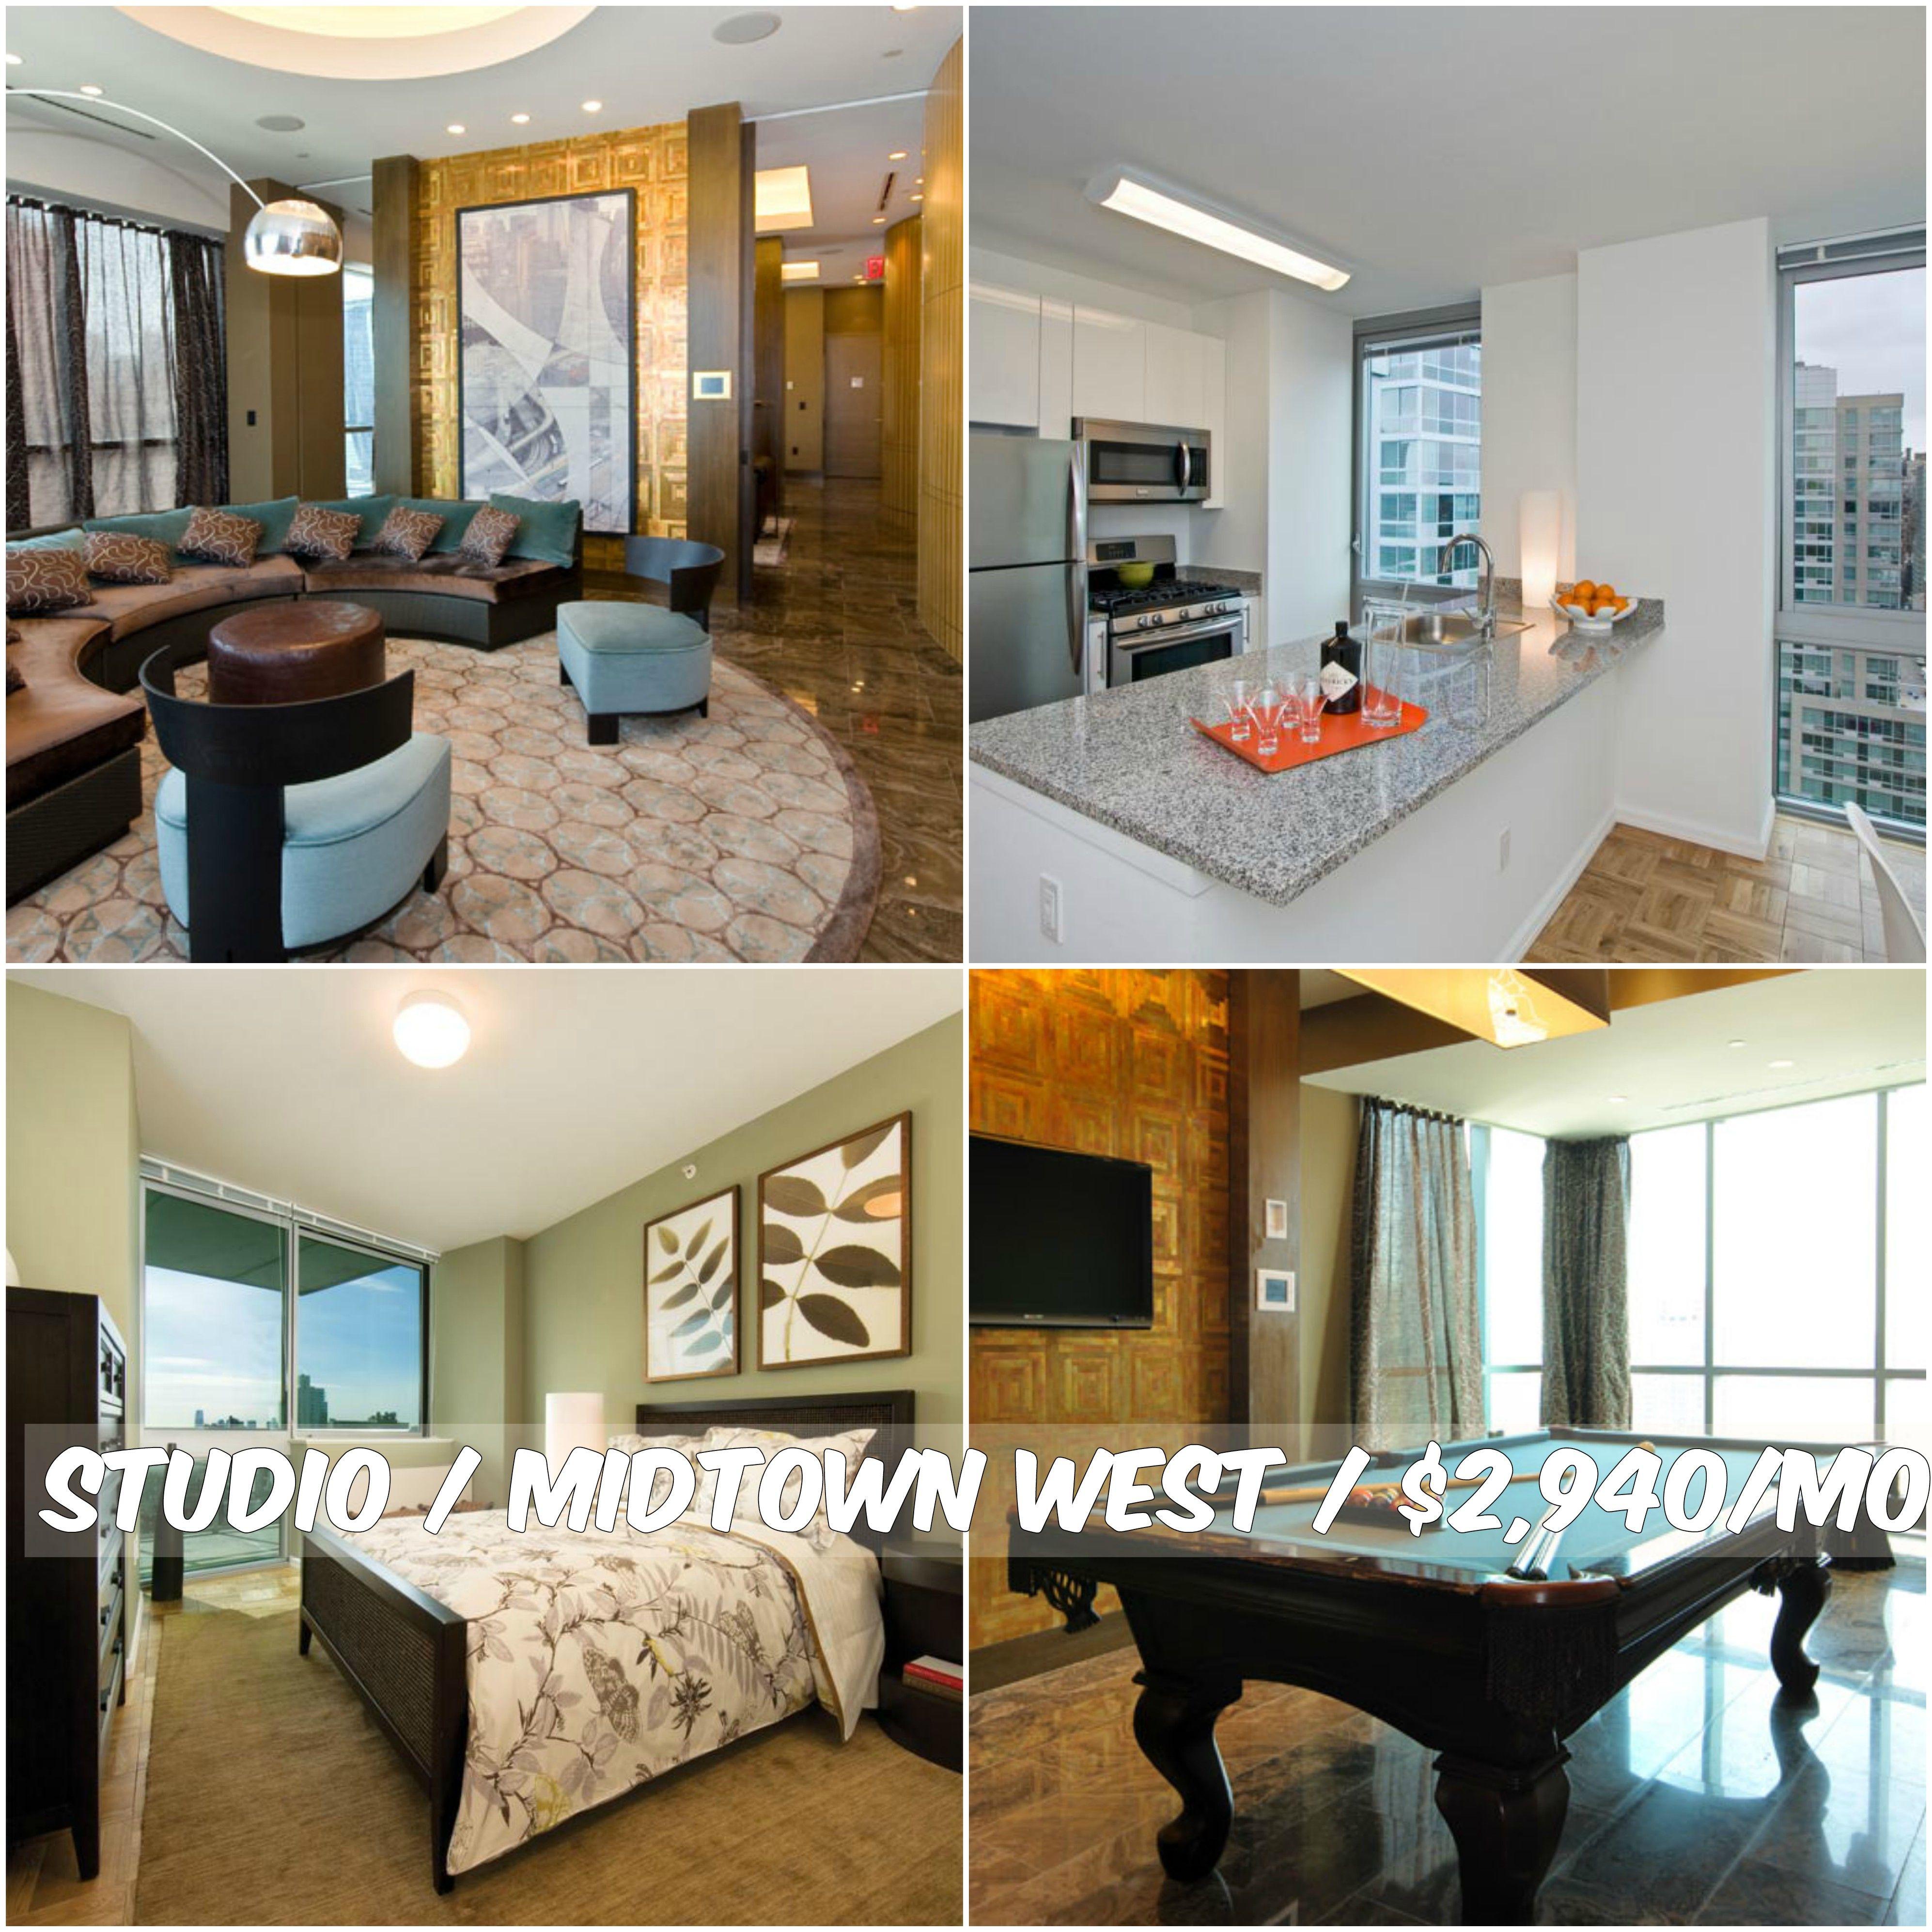 Studio Apt For Rent In Midtown West At $2,940/mo.Doorman